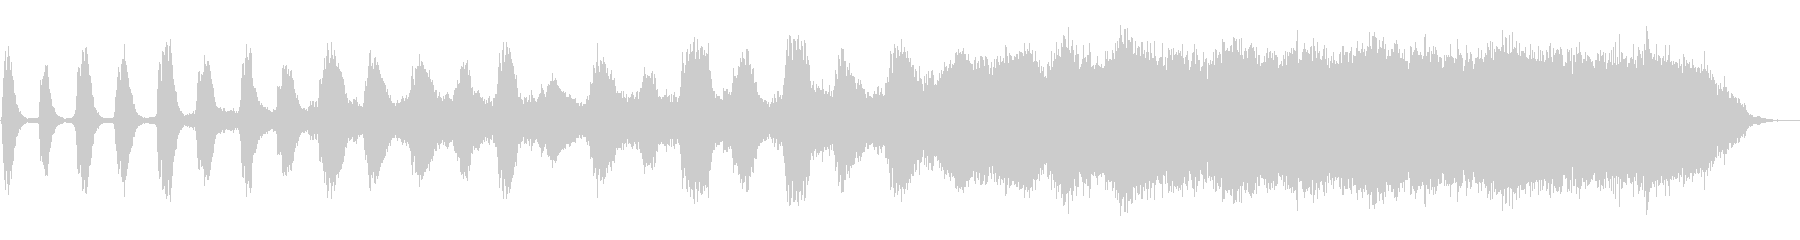 サスペンスフルなアンビエントの未再生の波形